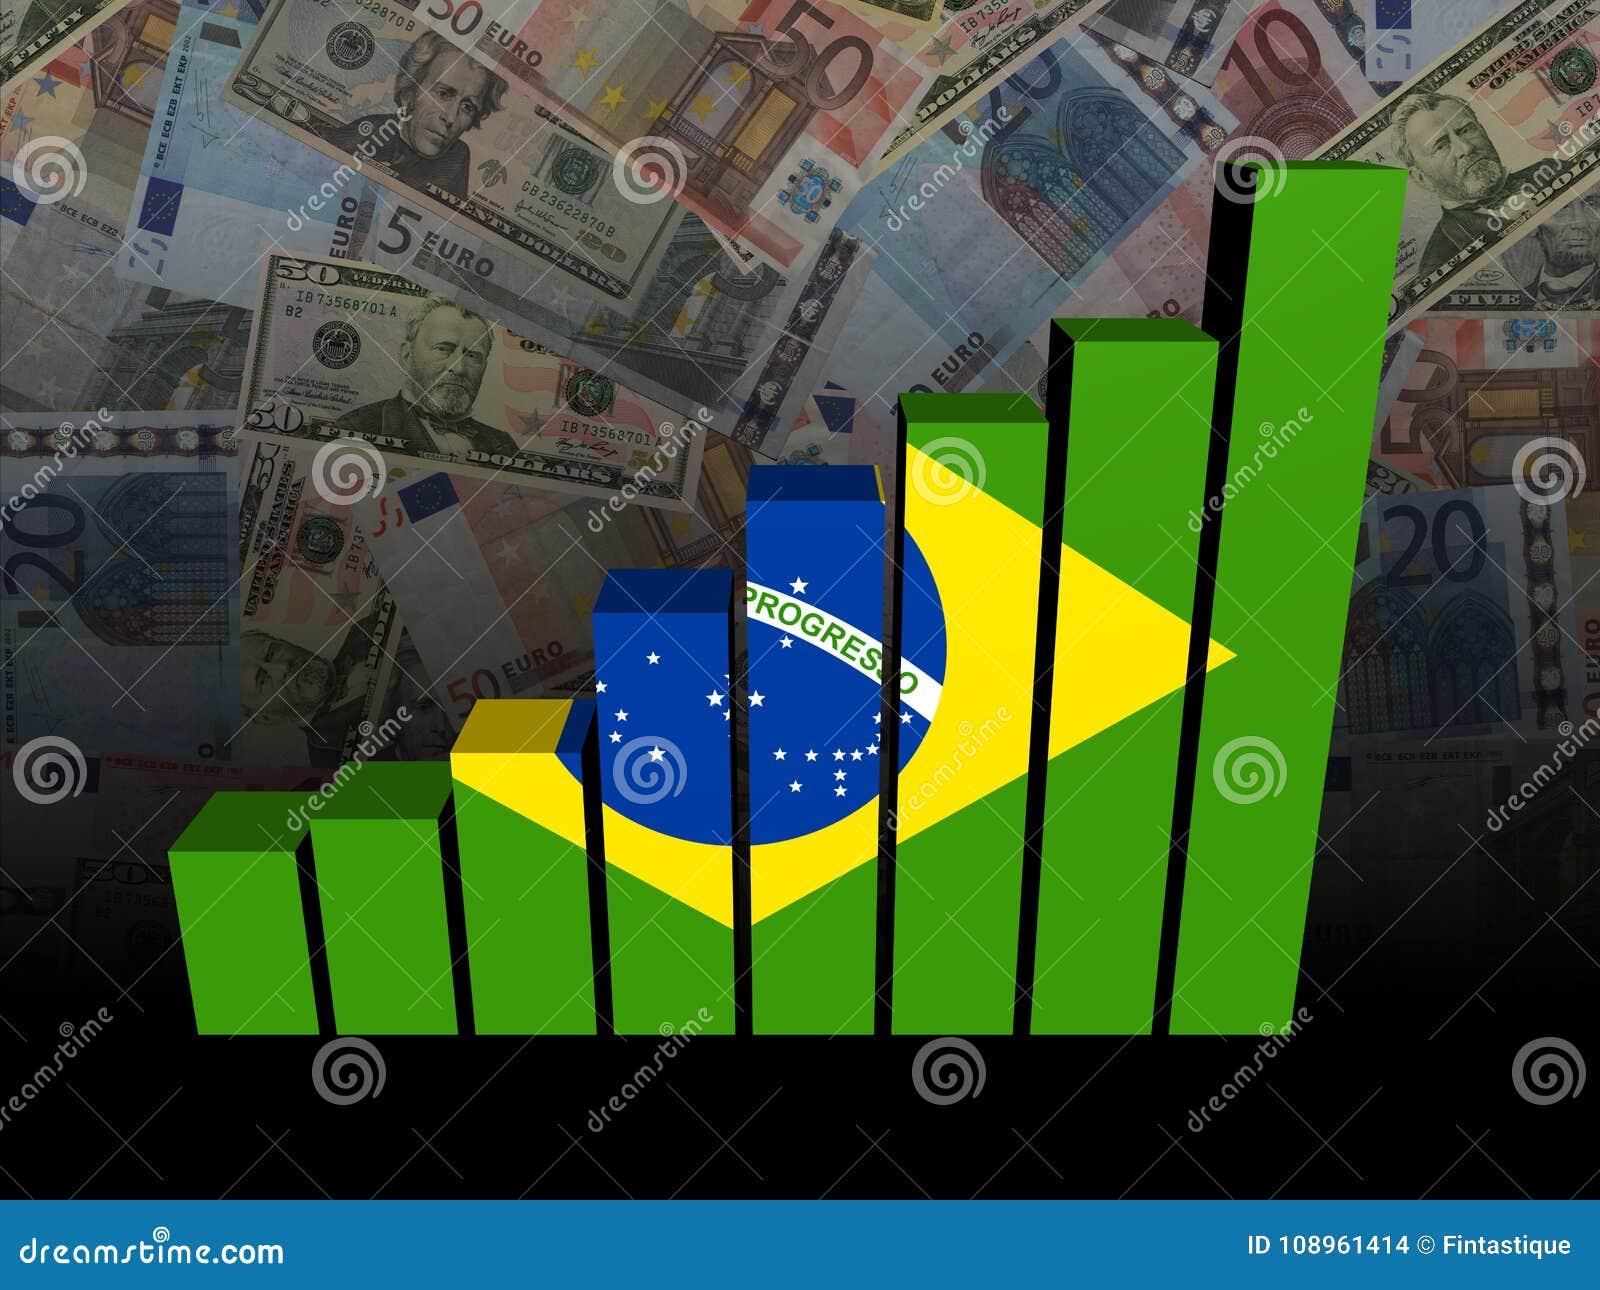 Brazil flag bar chart over Euros and Dollars illustration